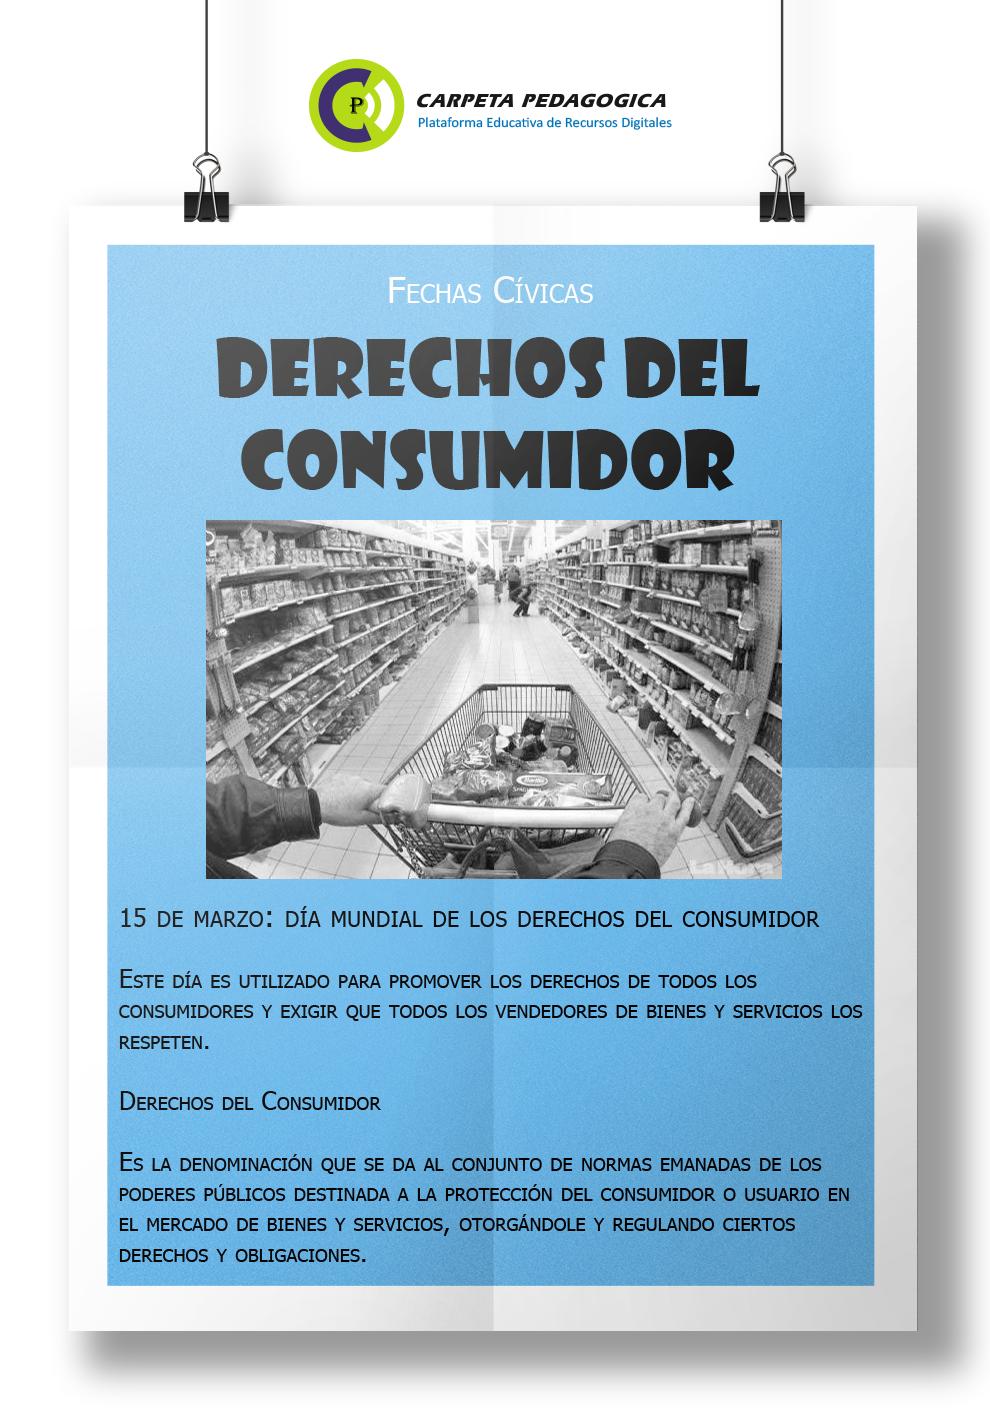 Día Mundial de los derechos del consumidor (15 de marzo)